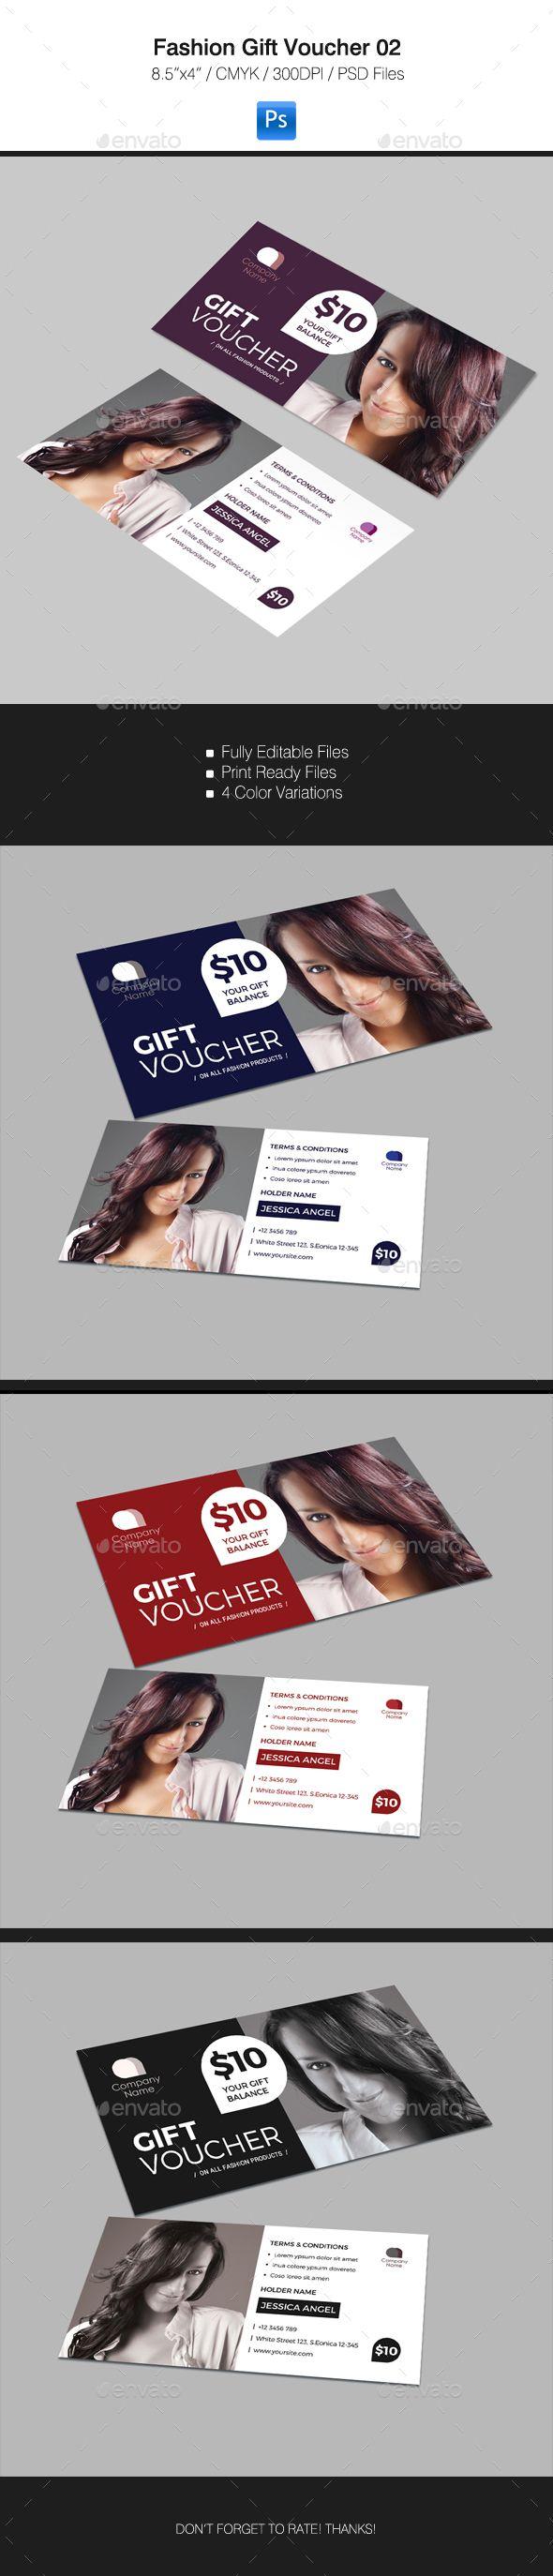 Gift Voucher #design Download: http://graphicriver.net/item/fashion-gift-voucher-02/13148746